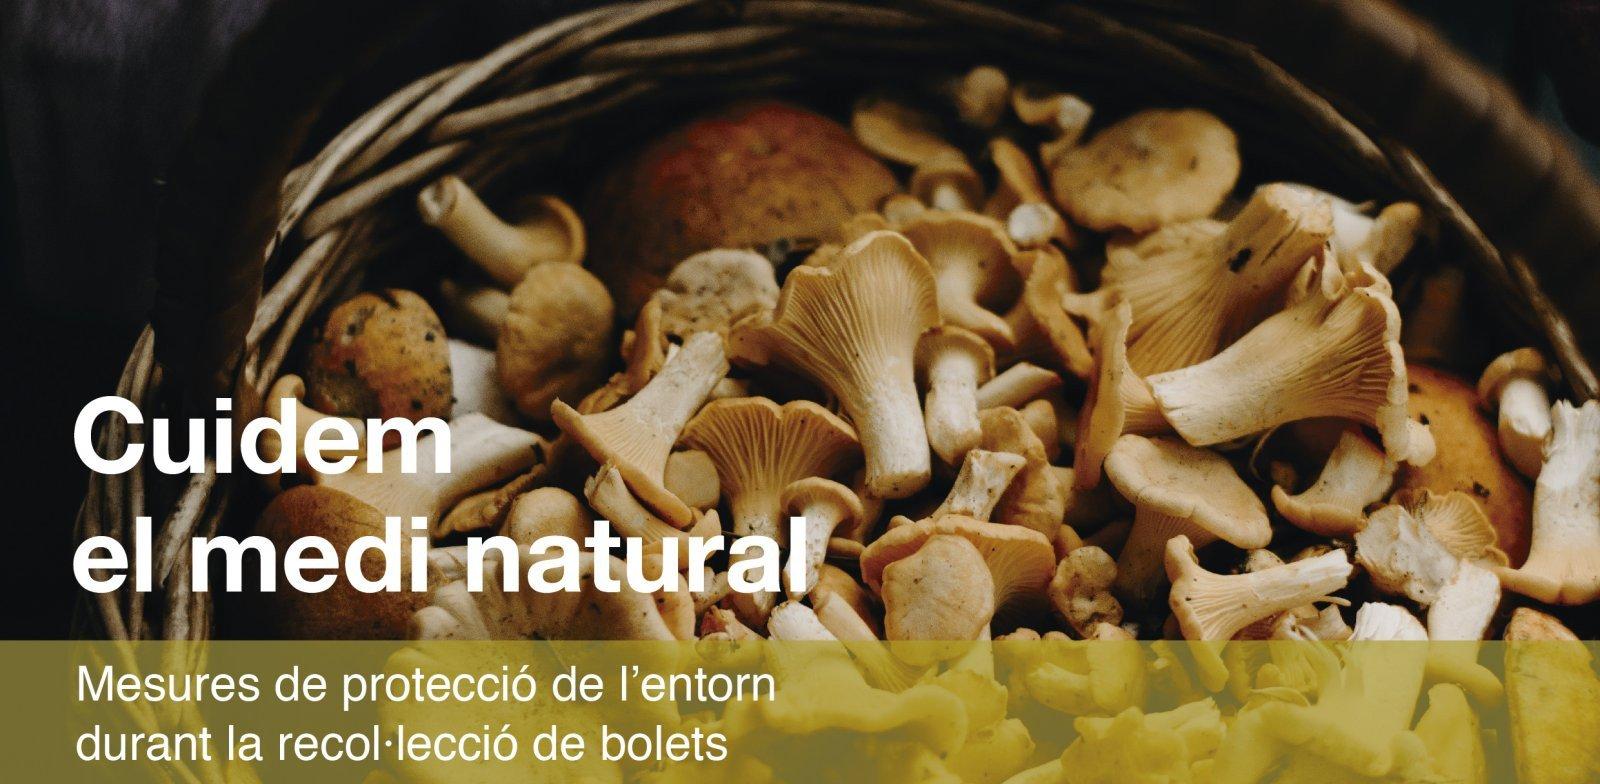 Imatge de la campanya de respecte al medi natural durant la temporada de bolets